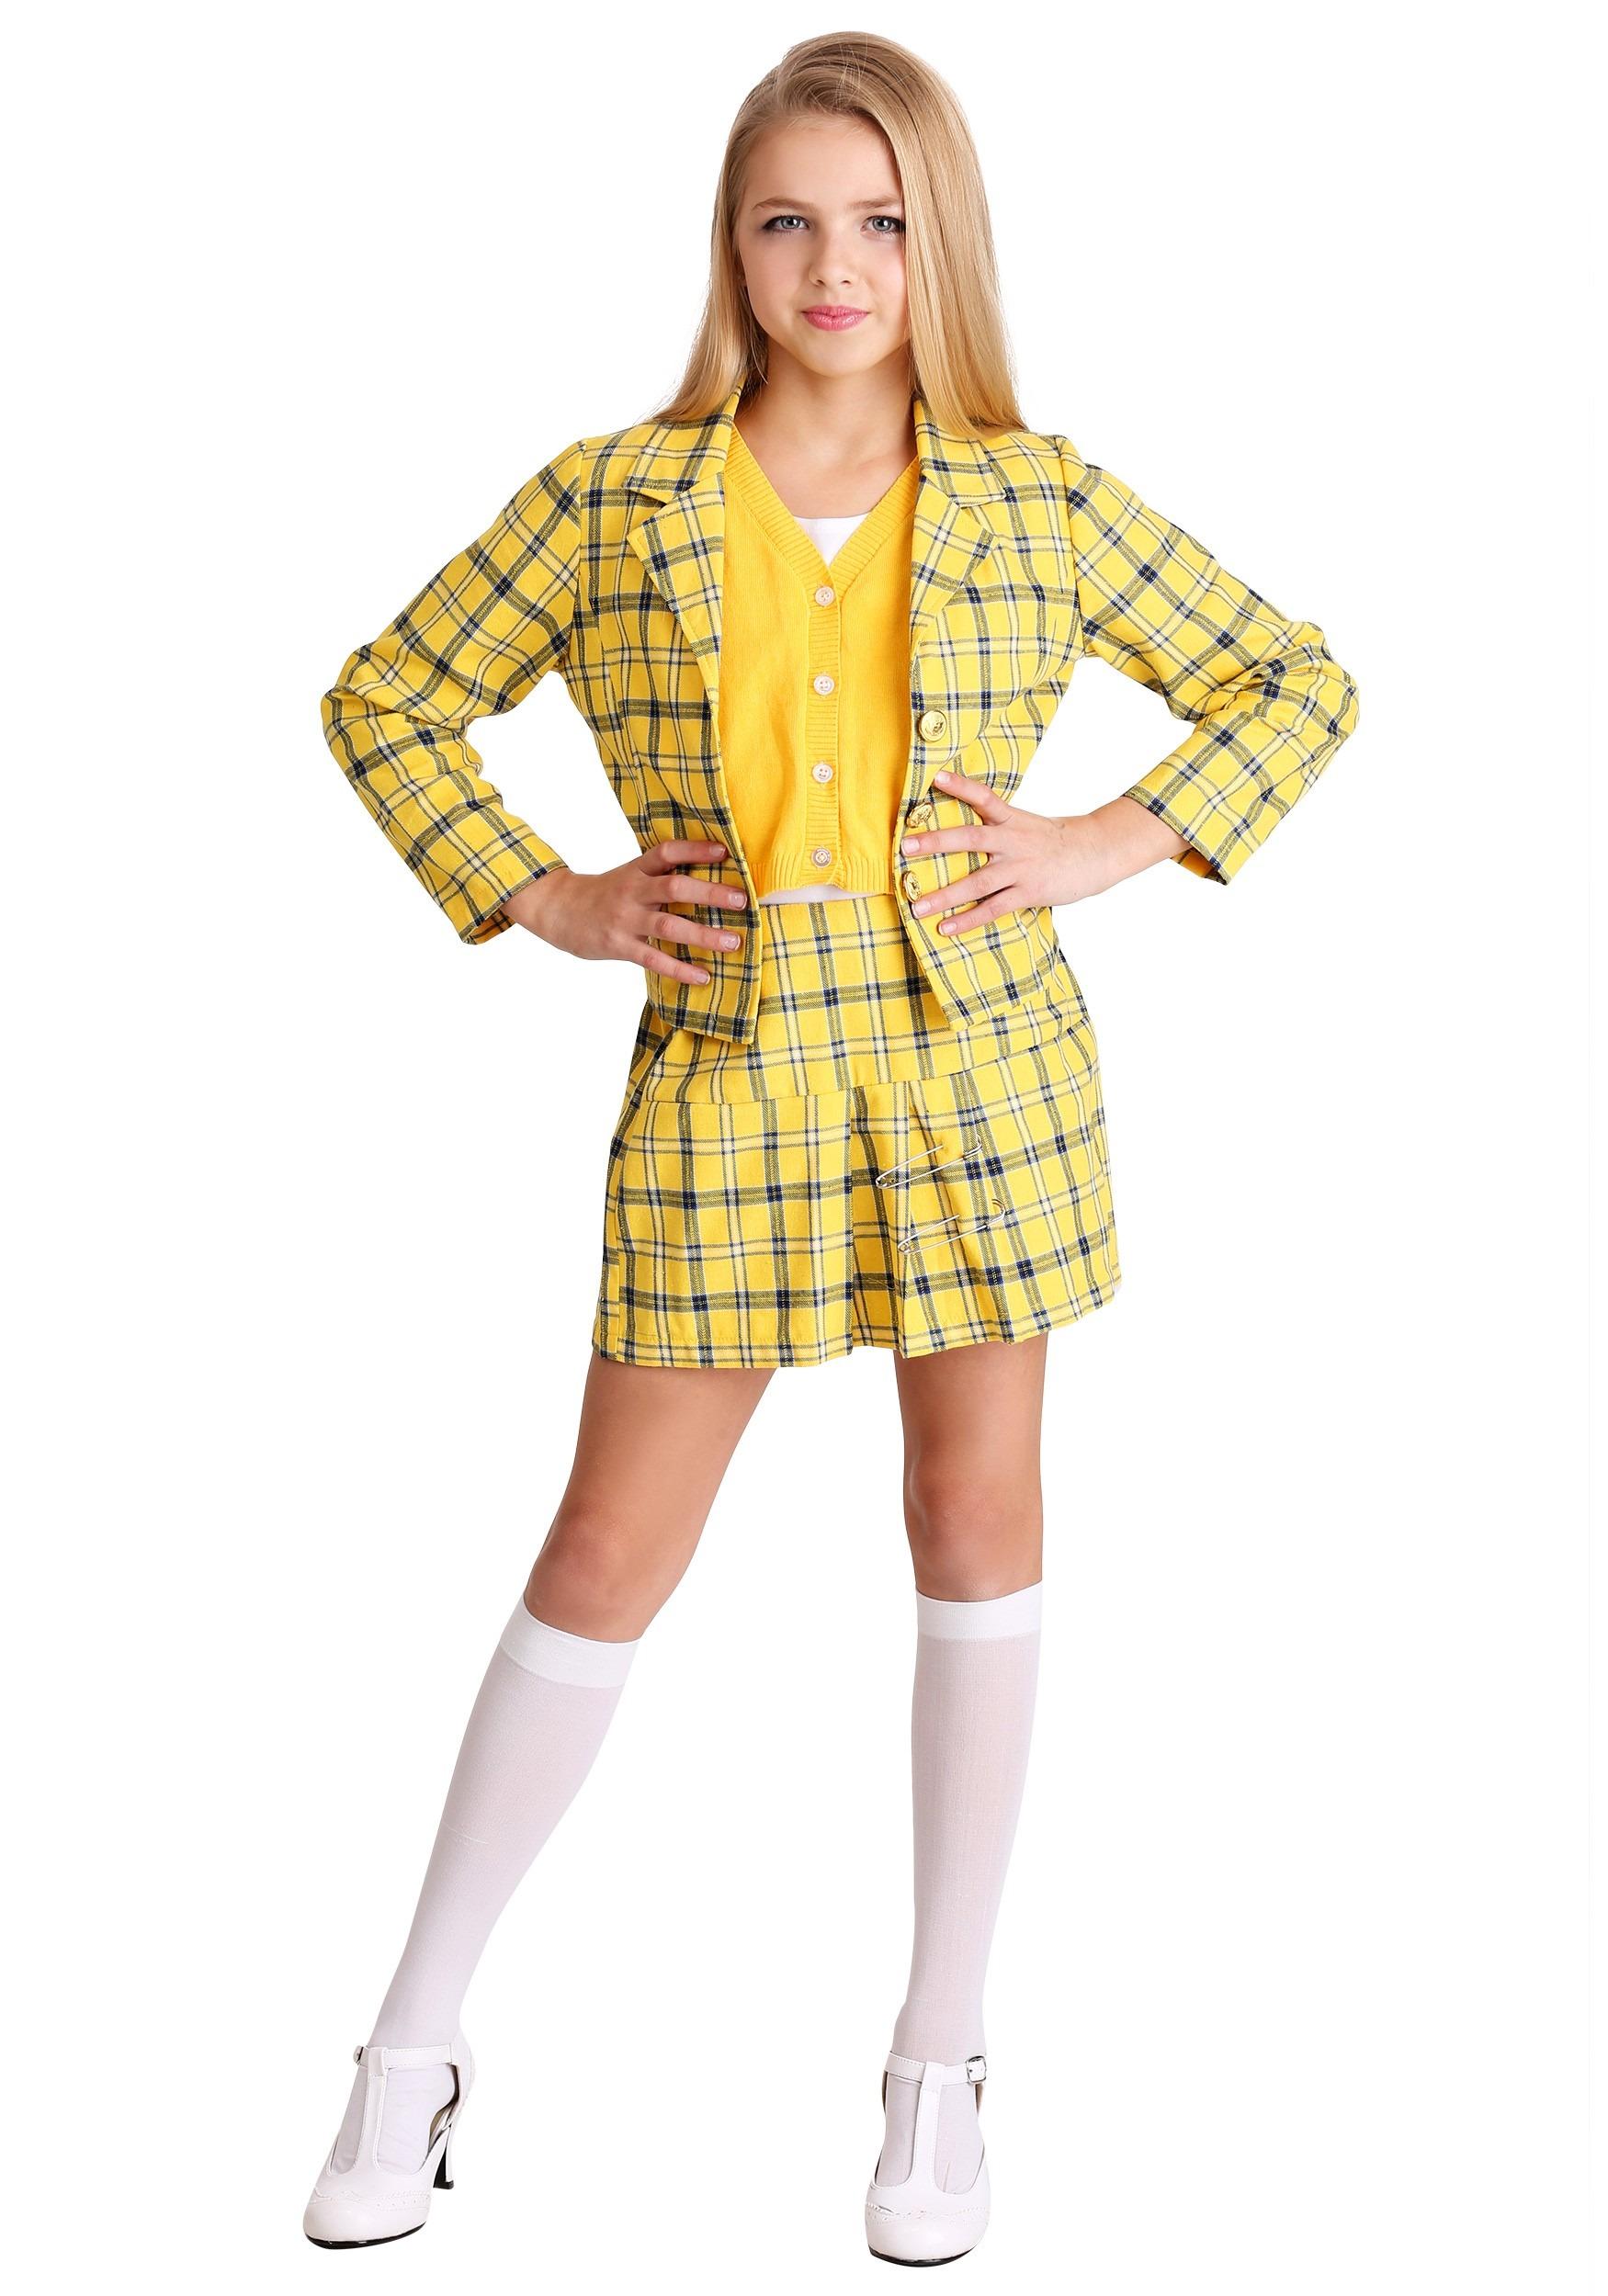 Clueless Cher Girl's Costume